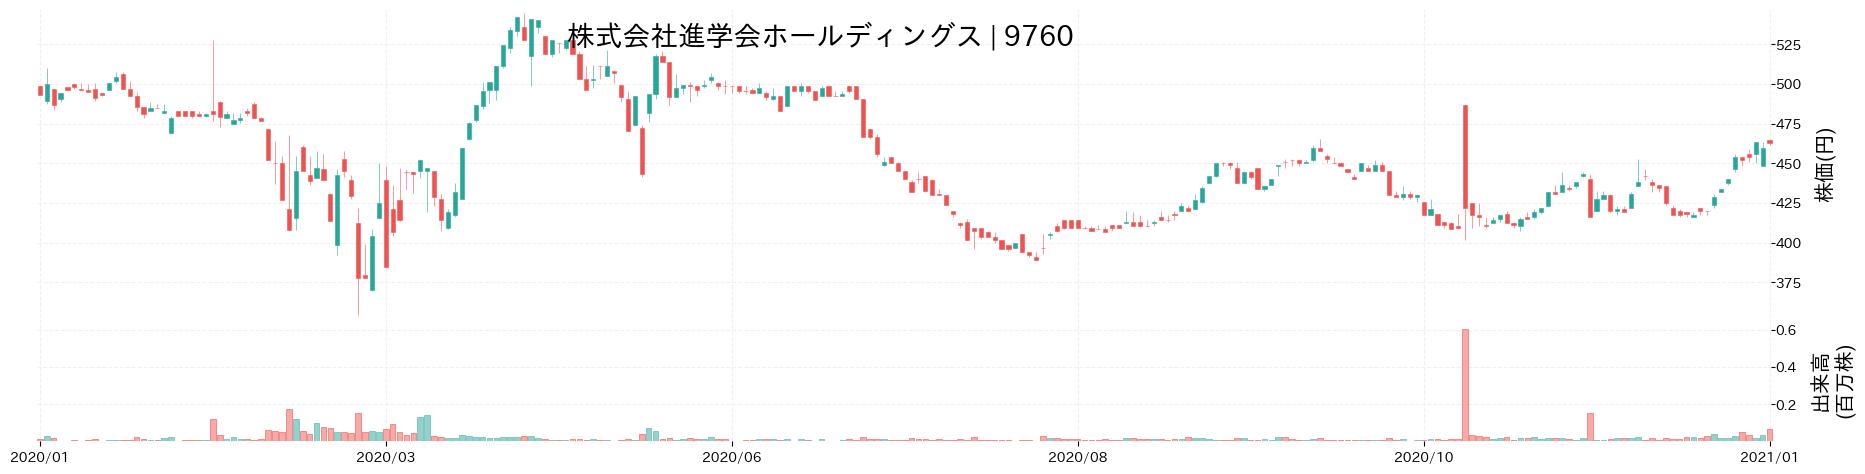 株式会社進学会ホールディングスの株価推移(2020)